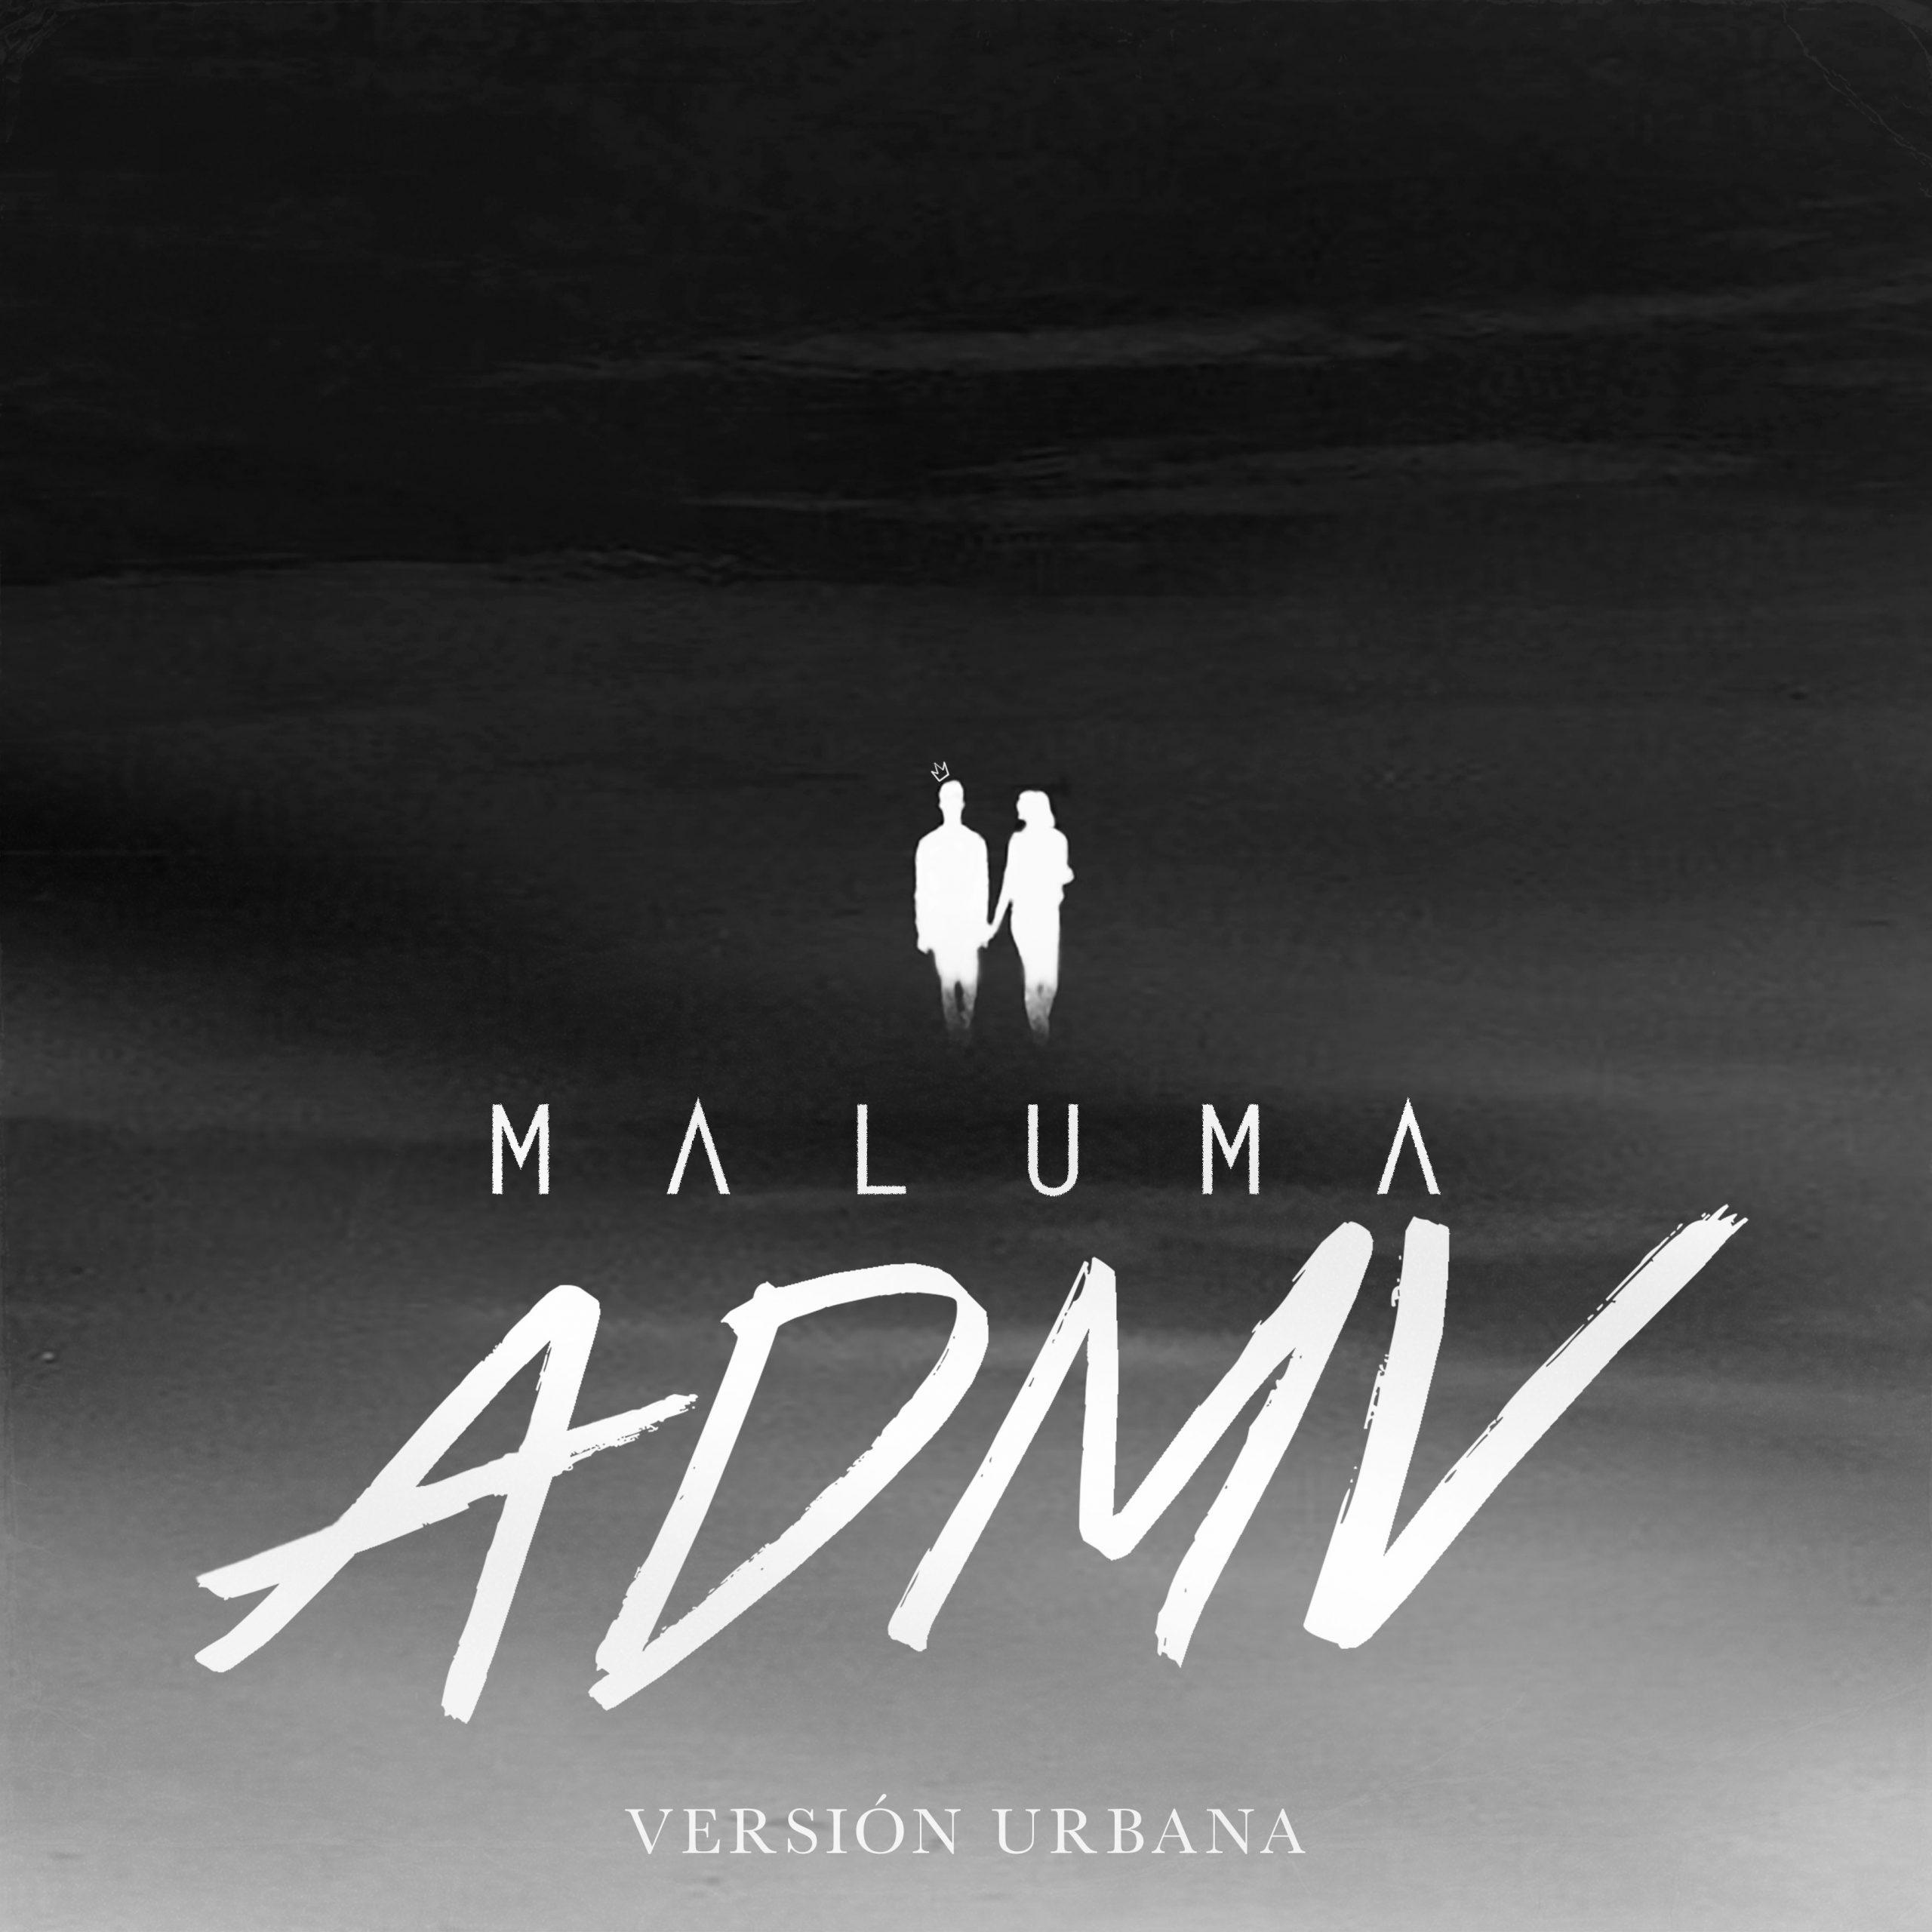 Maluma-ADMV-Cover